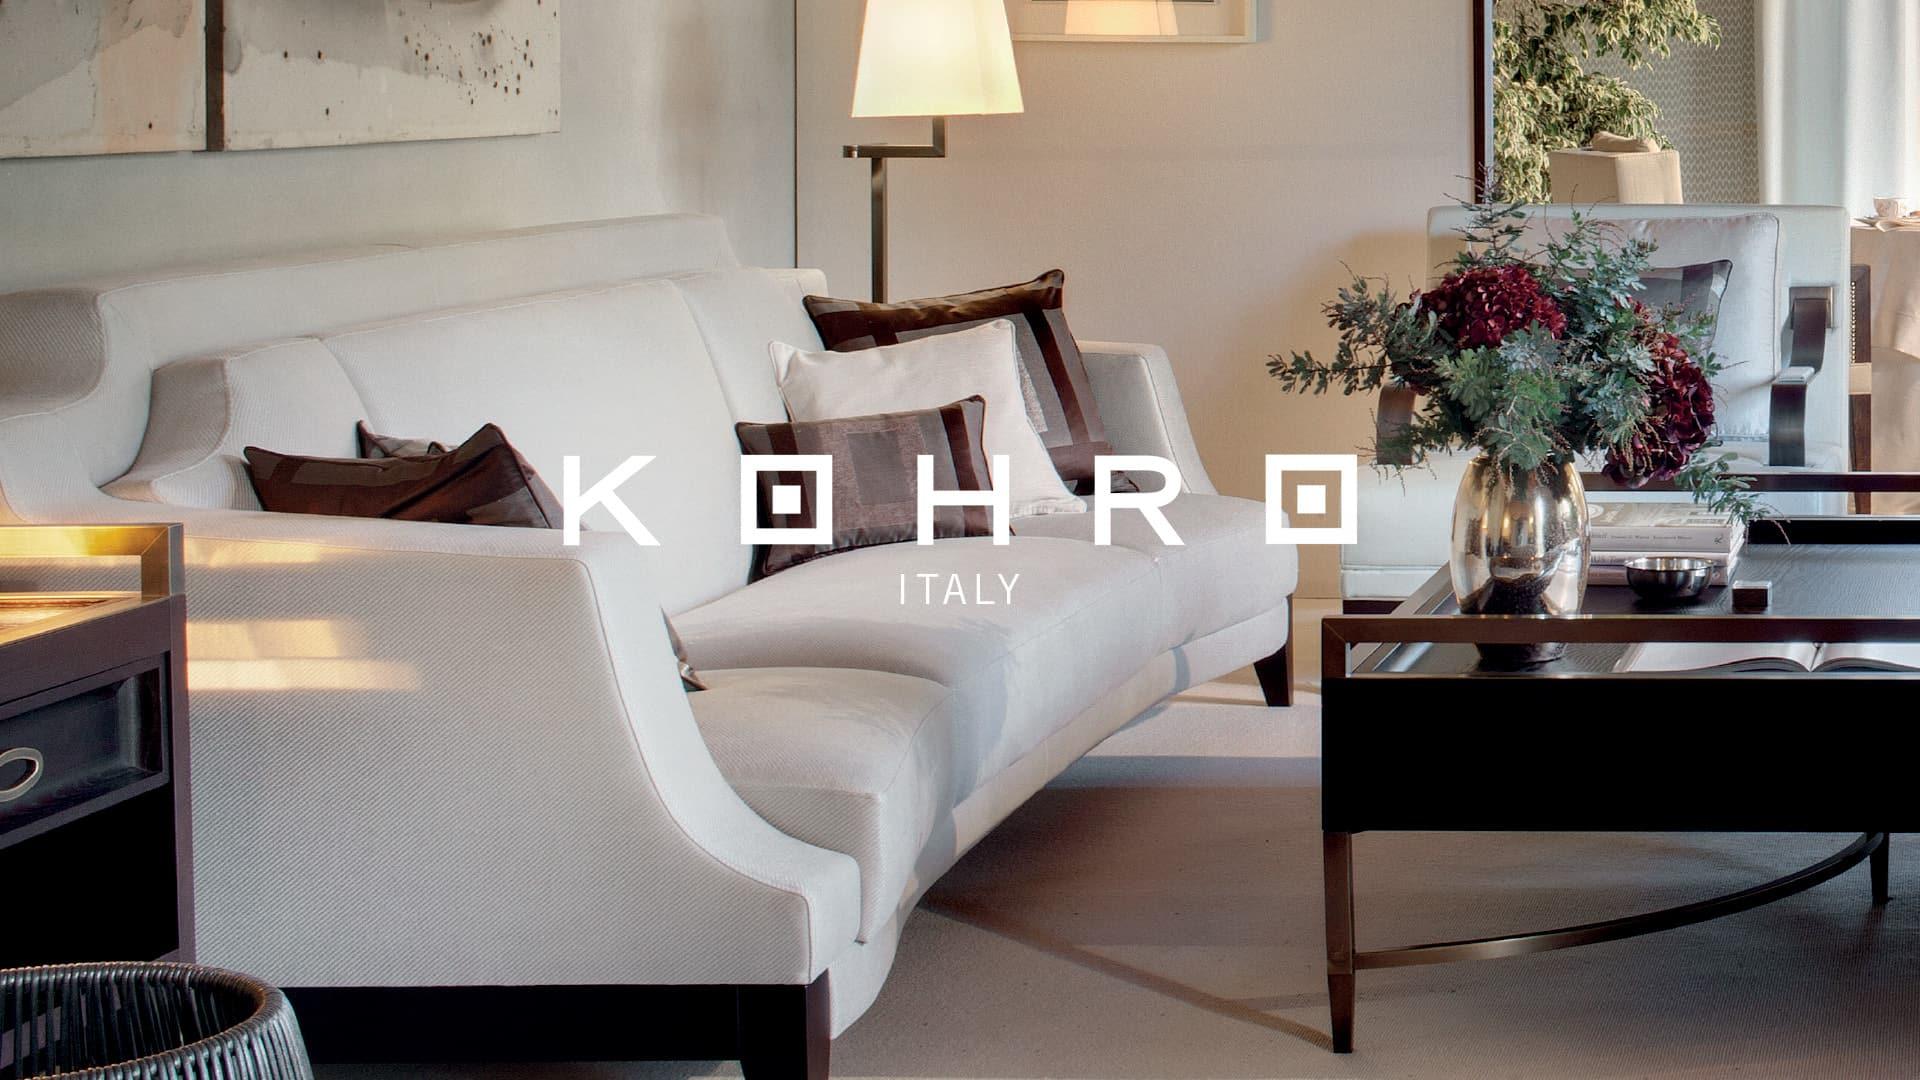 Moodbooks Kohro - Luxury Fabrics